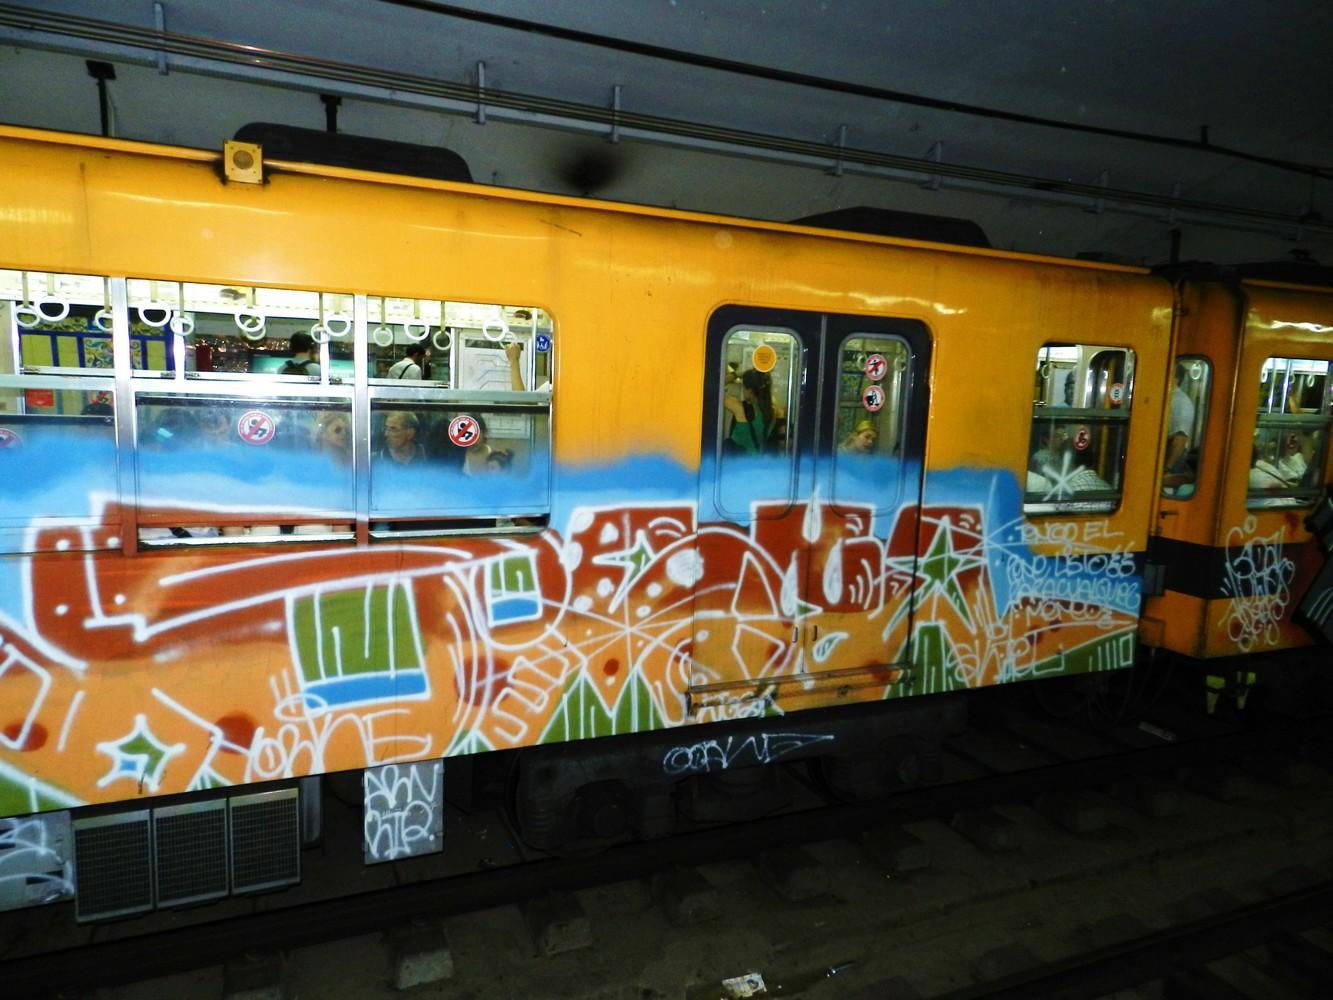 Métro San Telmo - Palermo